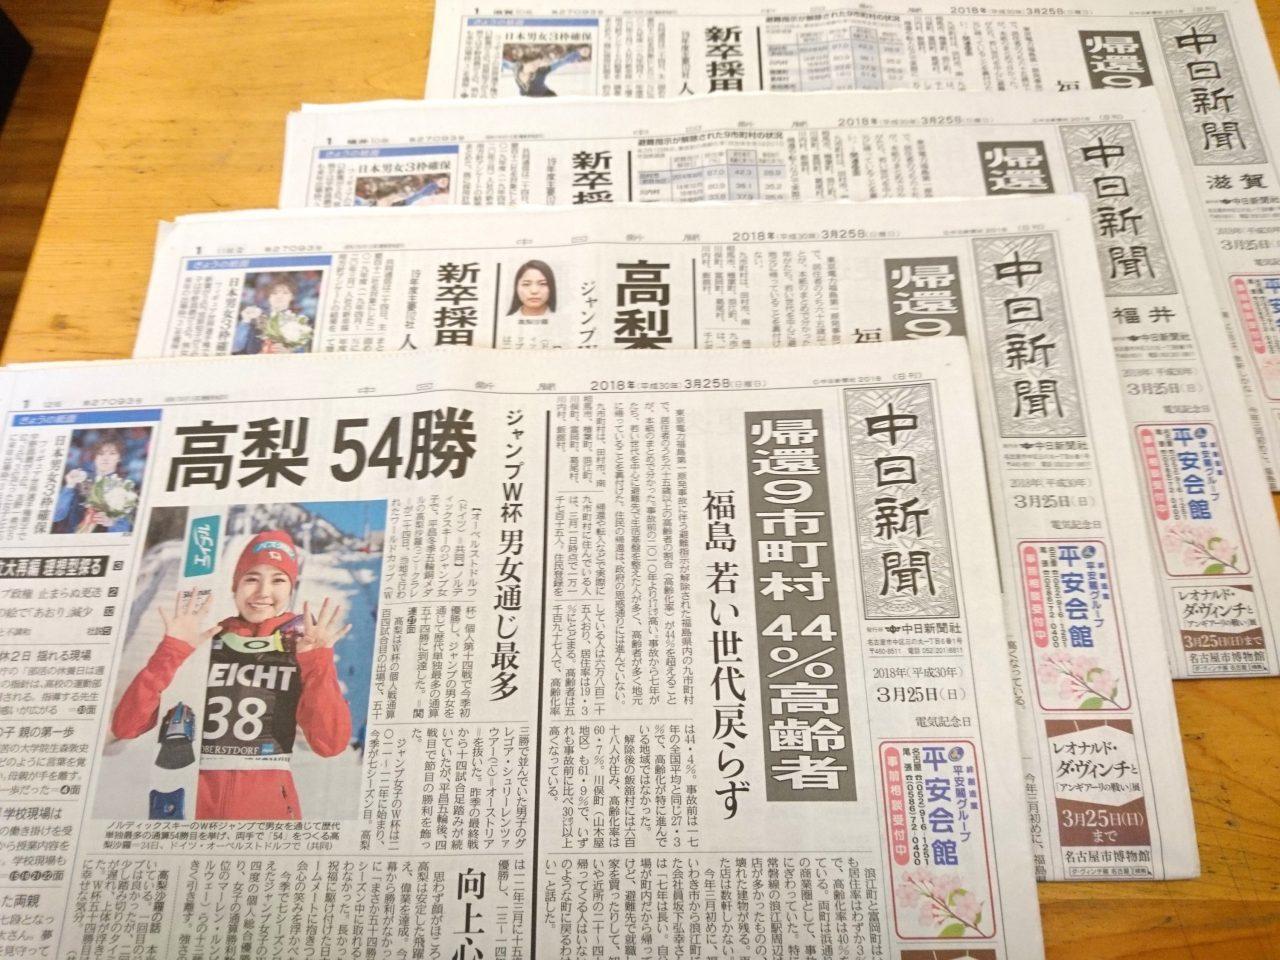 【新聞版数面建て調査】2018.3.25朝刊(7)中日新聞、日刊県民福井、東京新聞